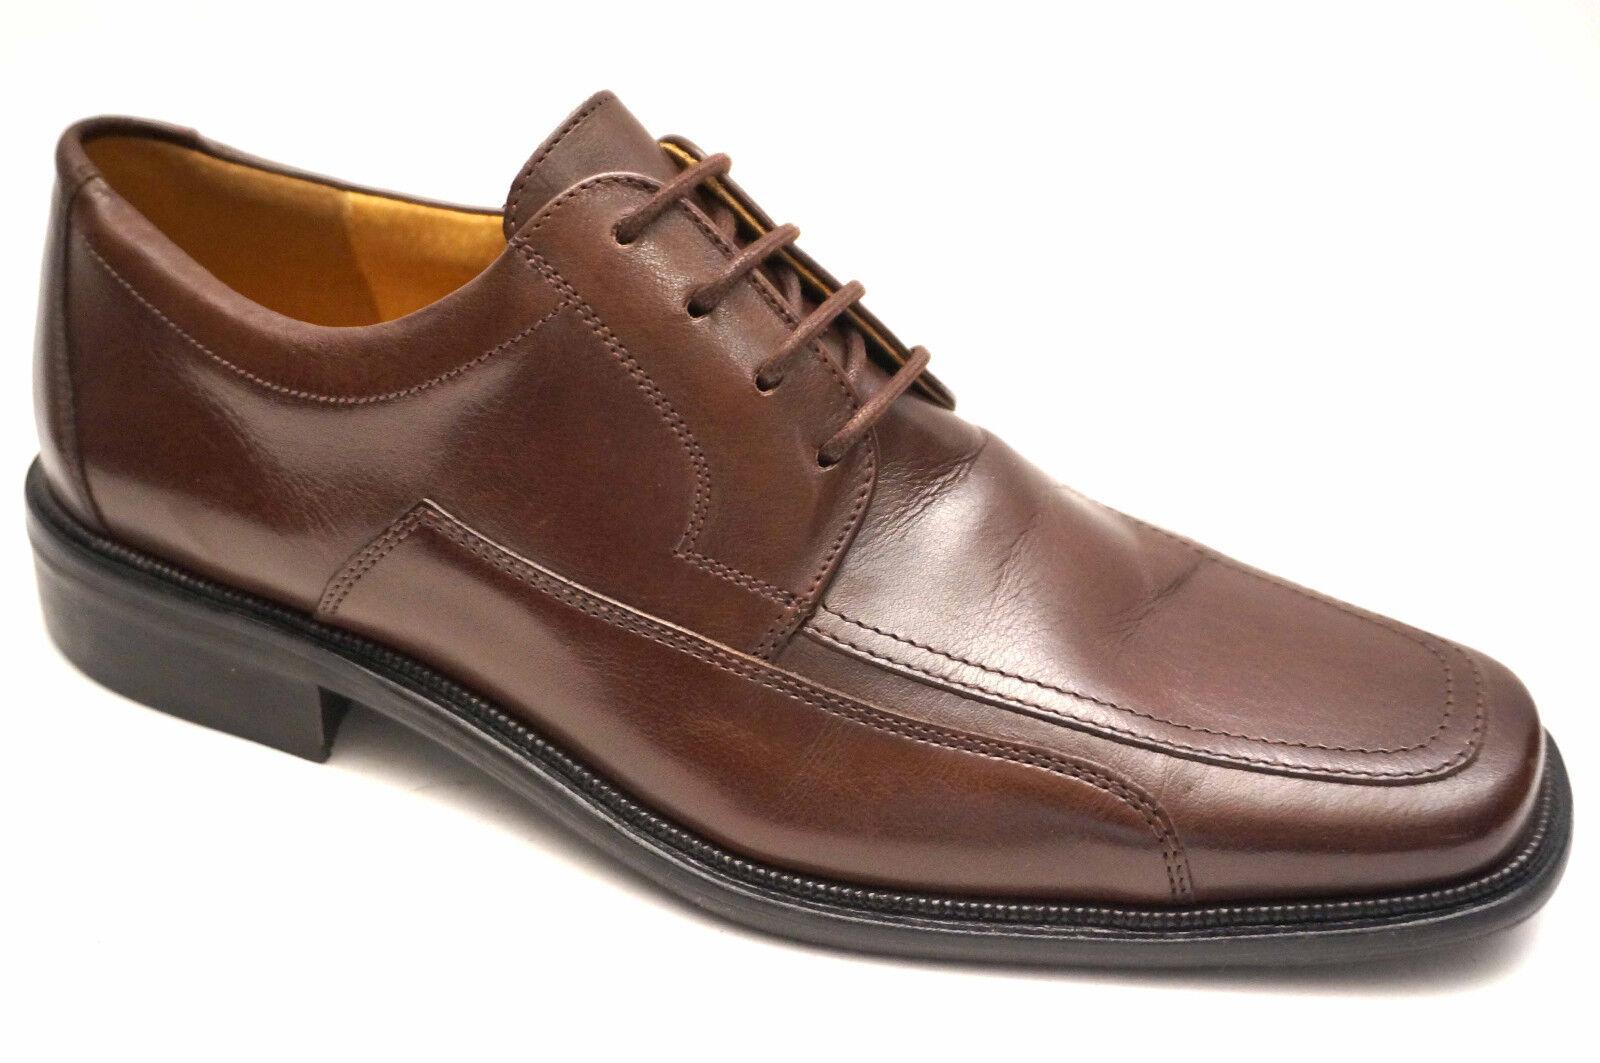 2422# Lord Excelent Leder Schuhe Größe Schnürschuhe 42 (UK 8) Braun Schnürschuhe Größe RAZAN 3529a7